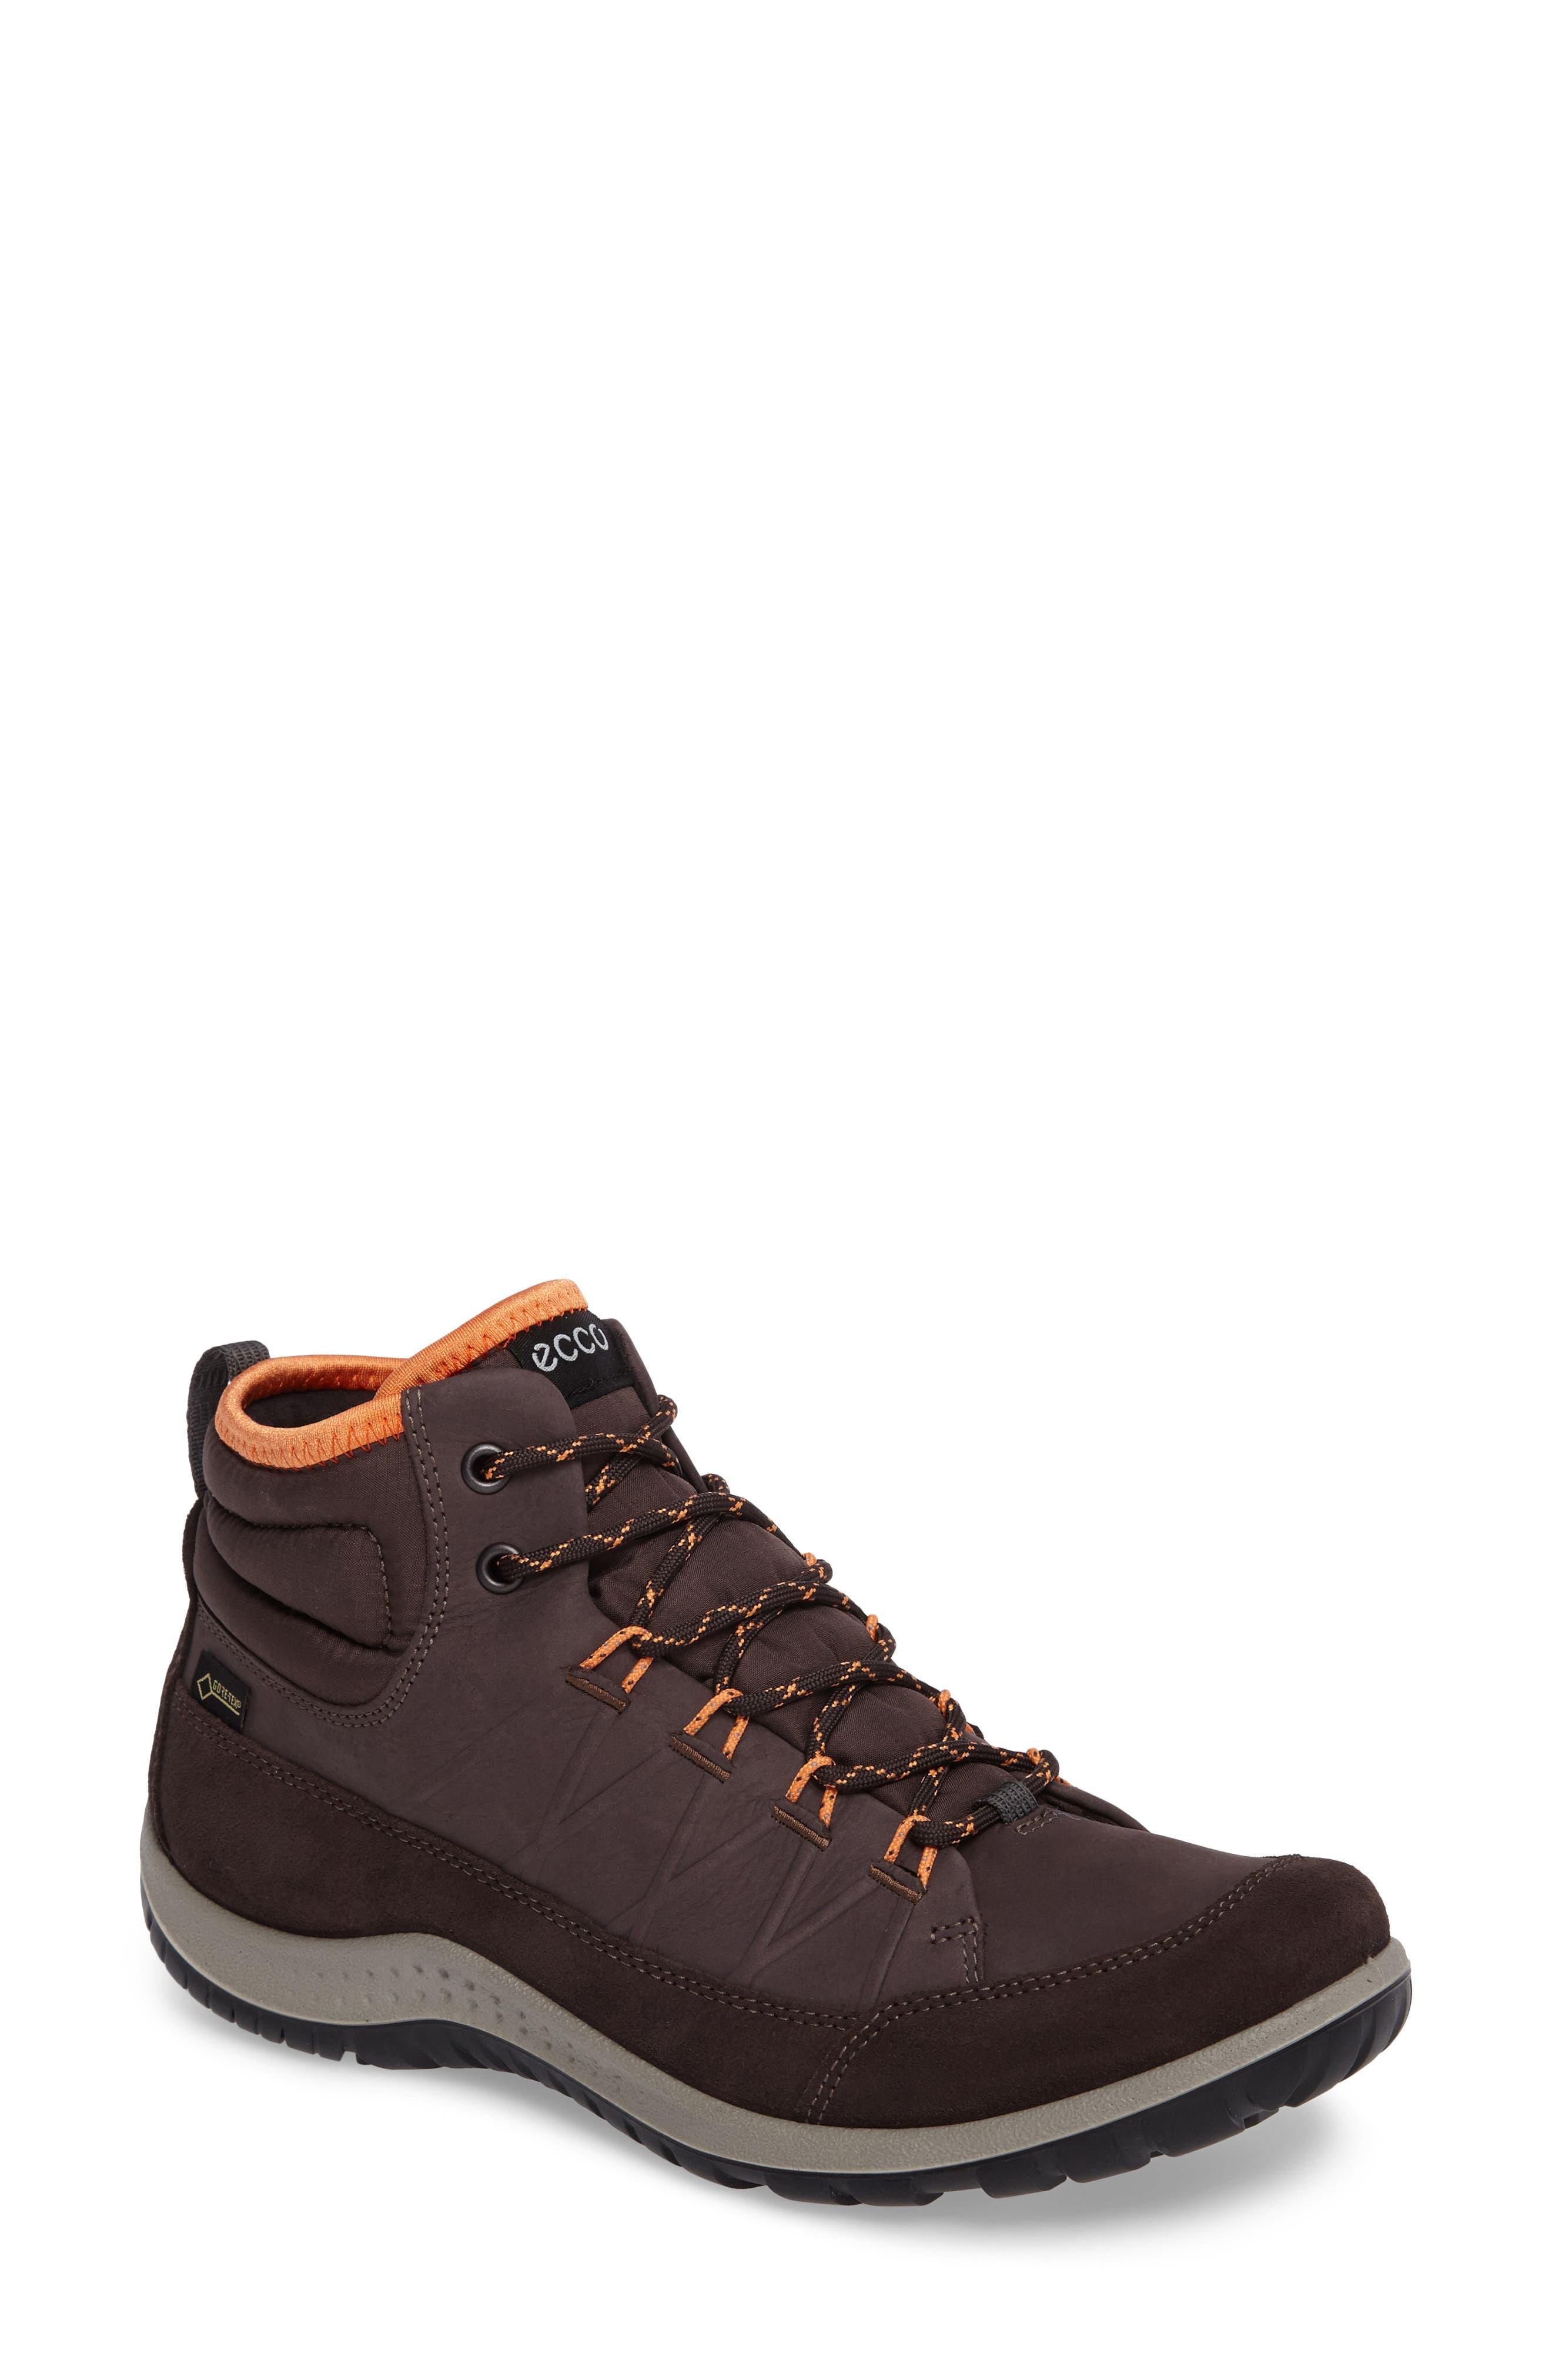 Main Image - ECCO 'Aspina GTX' Waterproof High Top Sneaker (Women)